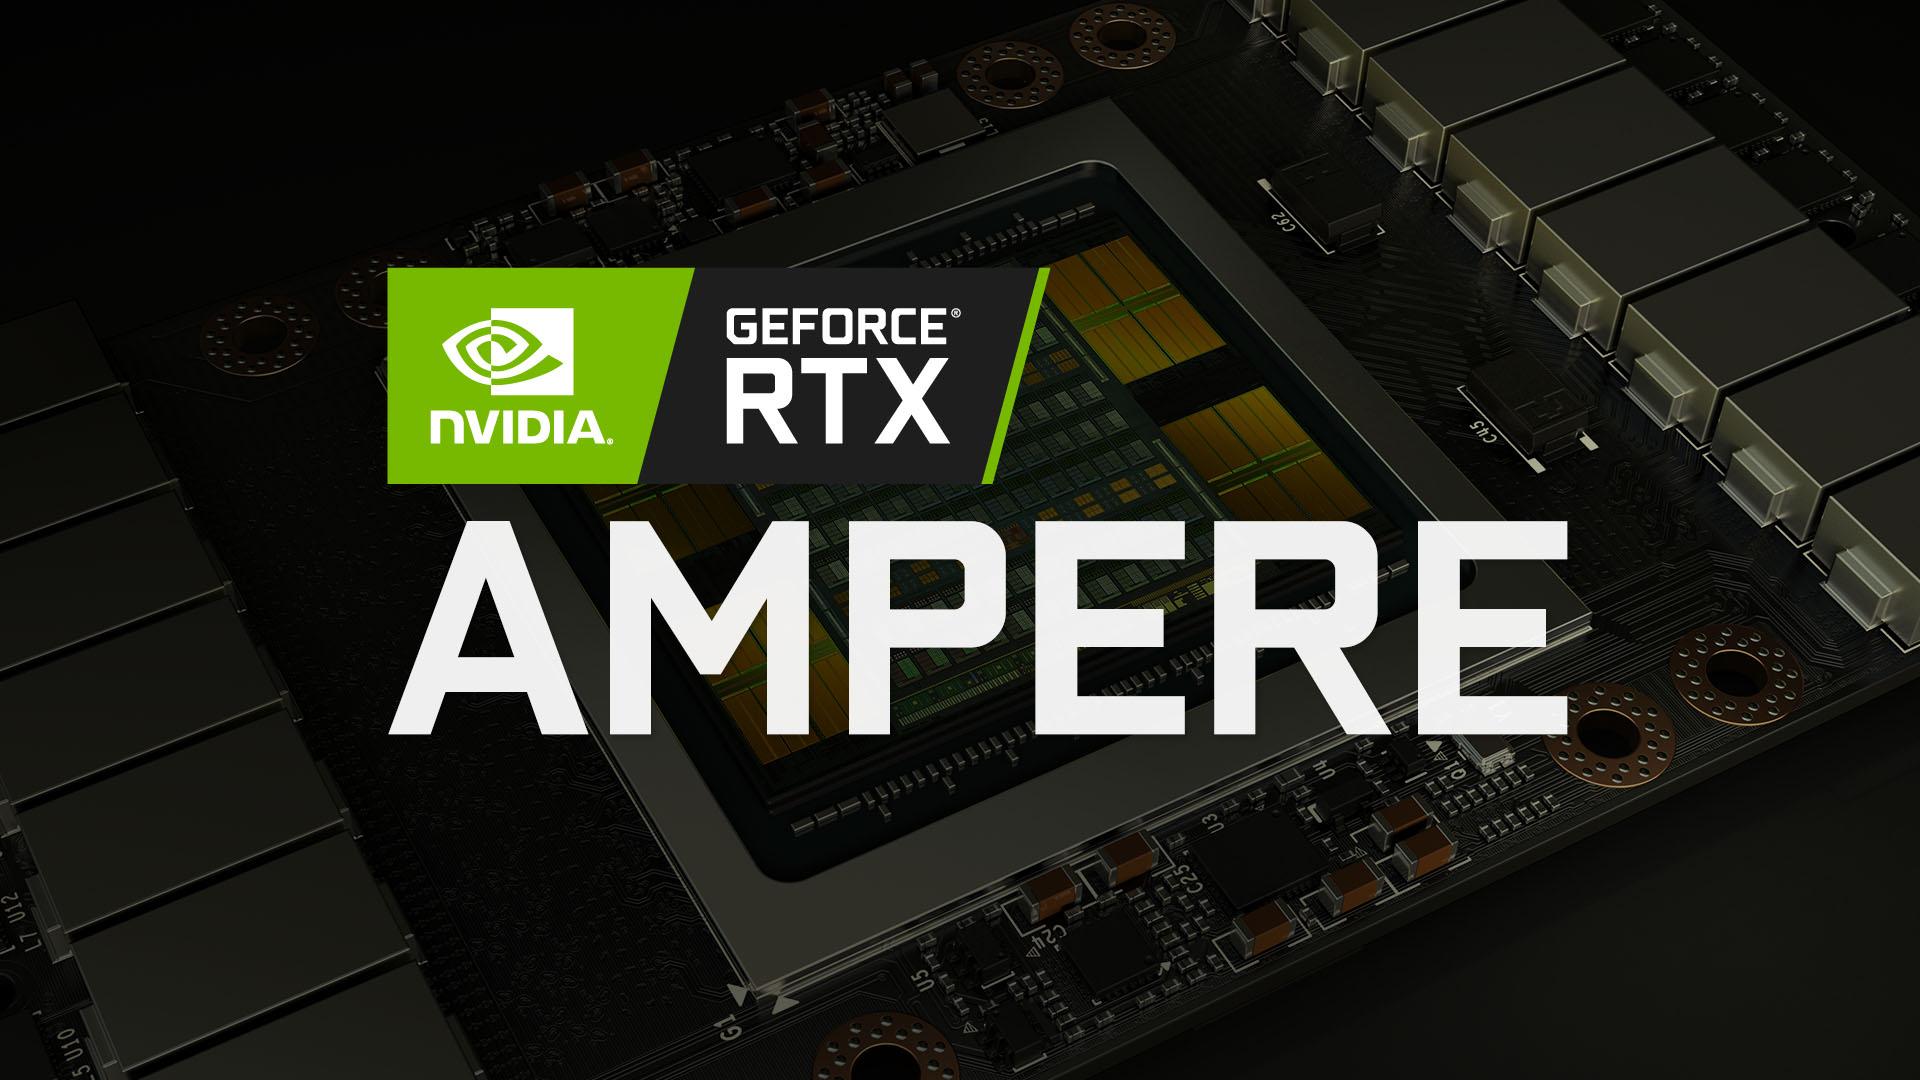 Aparece otra GPU Nvidia Ampere que sería un 50% más rápida que la GeForce  RTX 2080 Ti